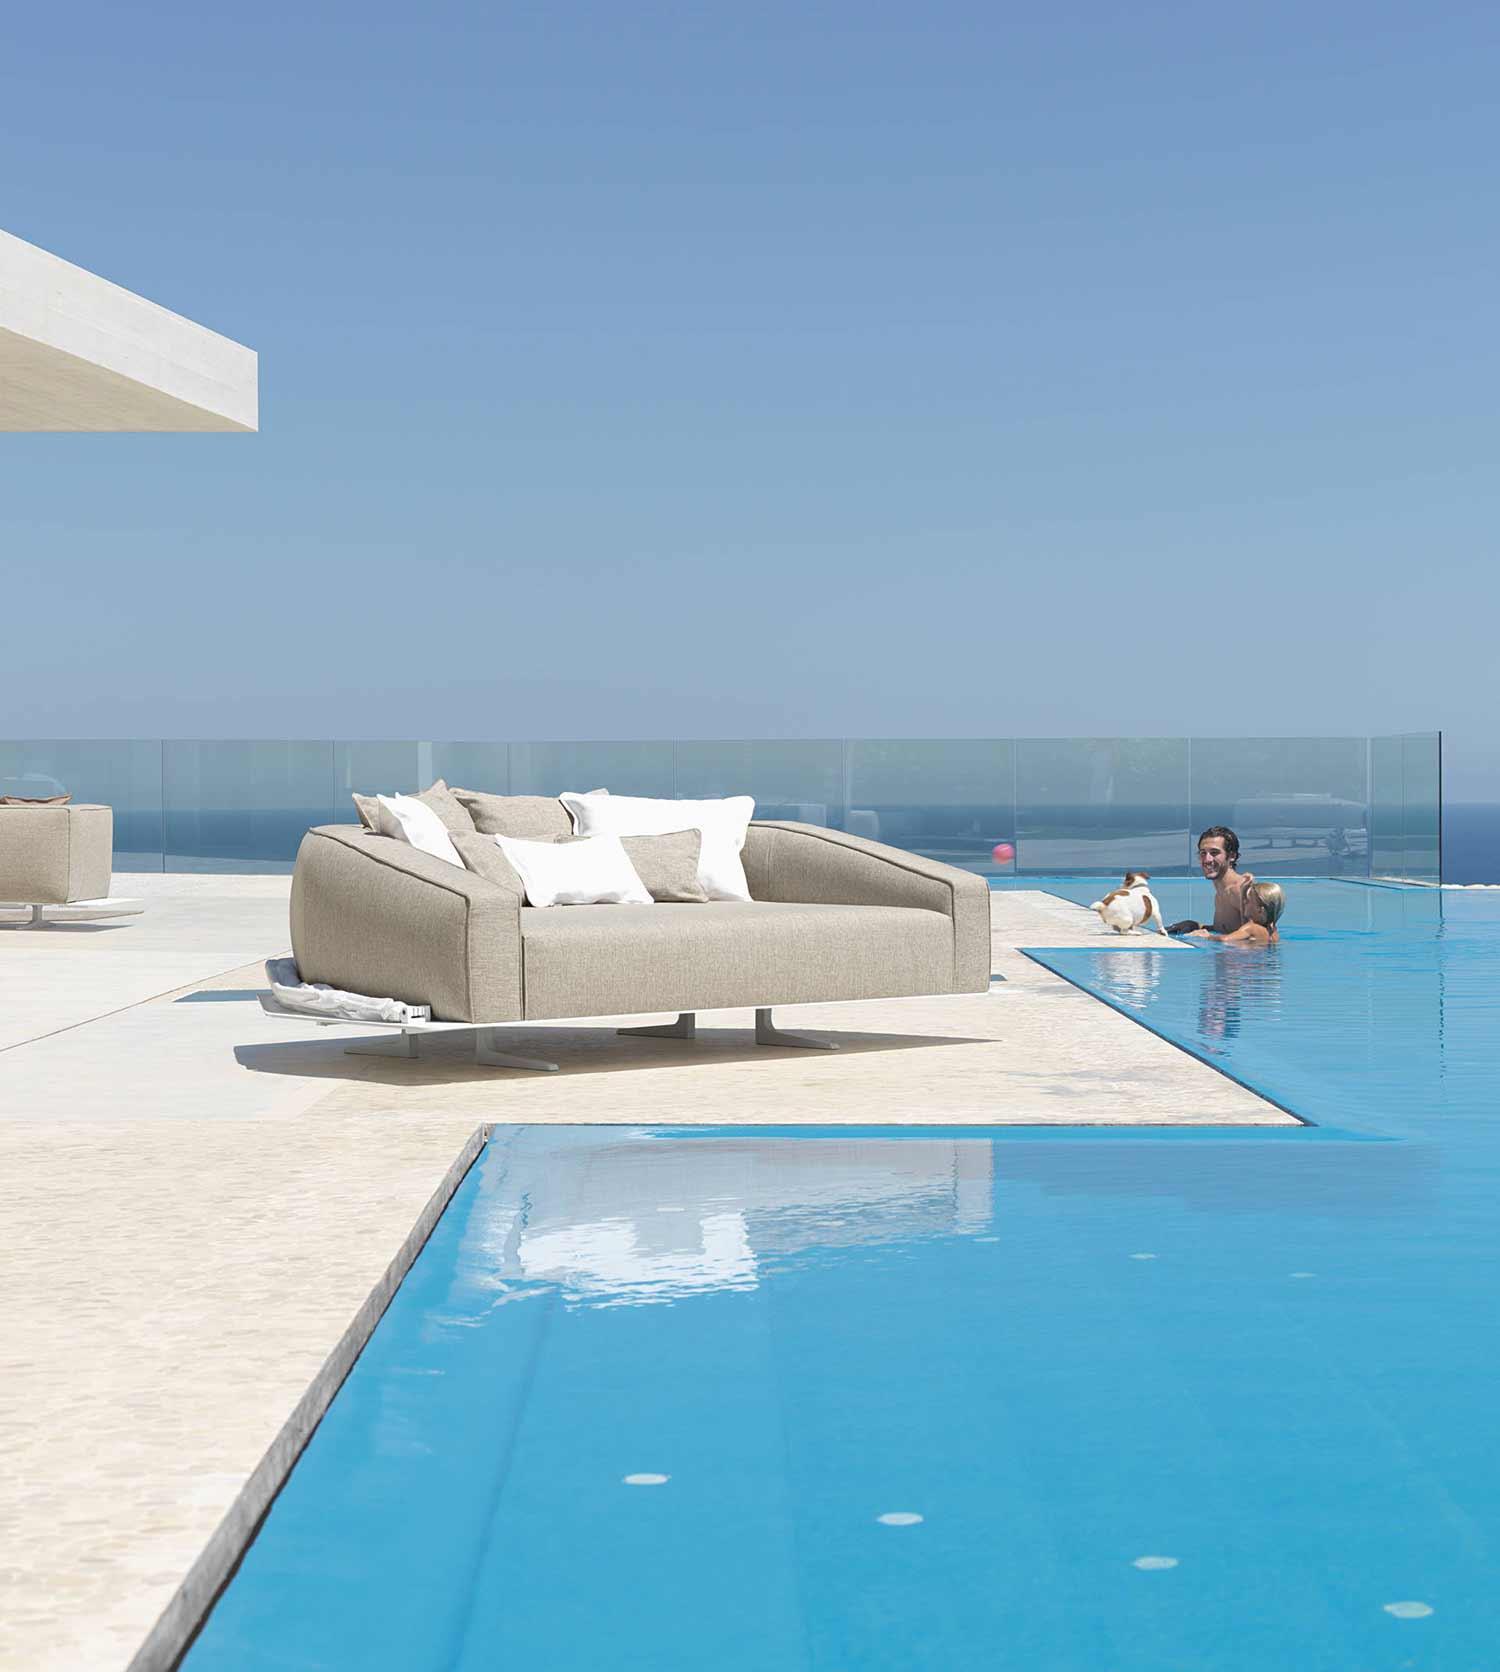 canapé d extérieur ameublement design haut de gamme jardin luxe moderne en ligne mobilier meuble contemporains vente site italiens qualité aluminium daybed